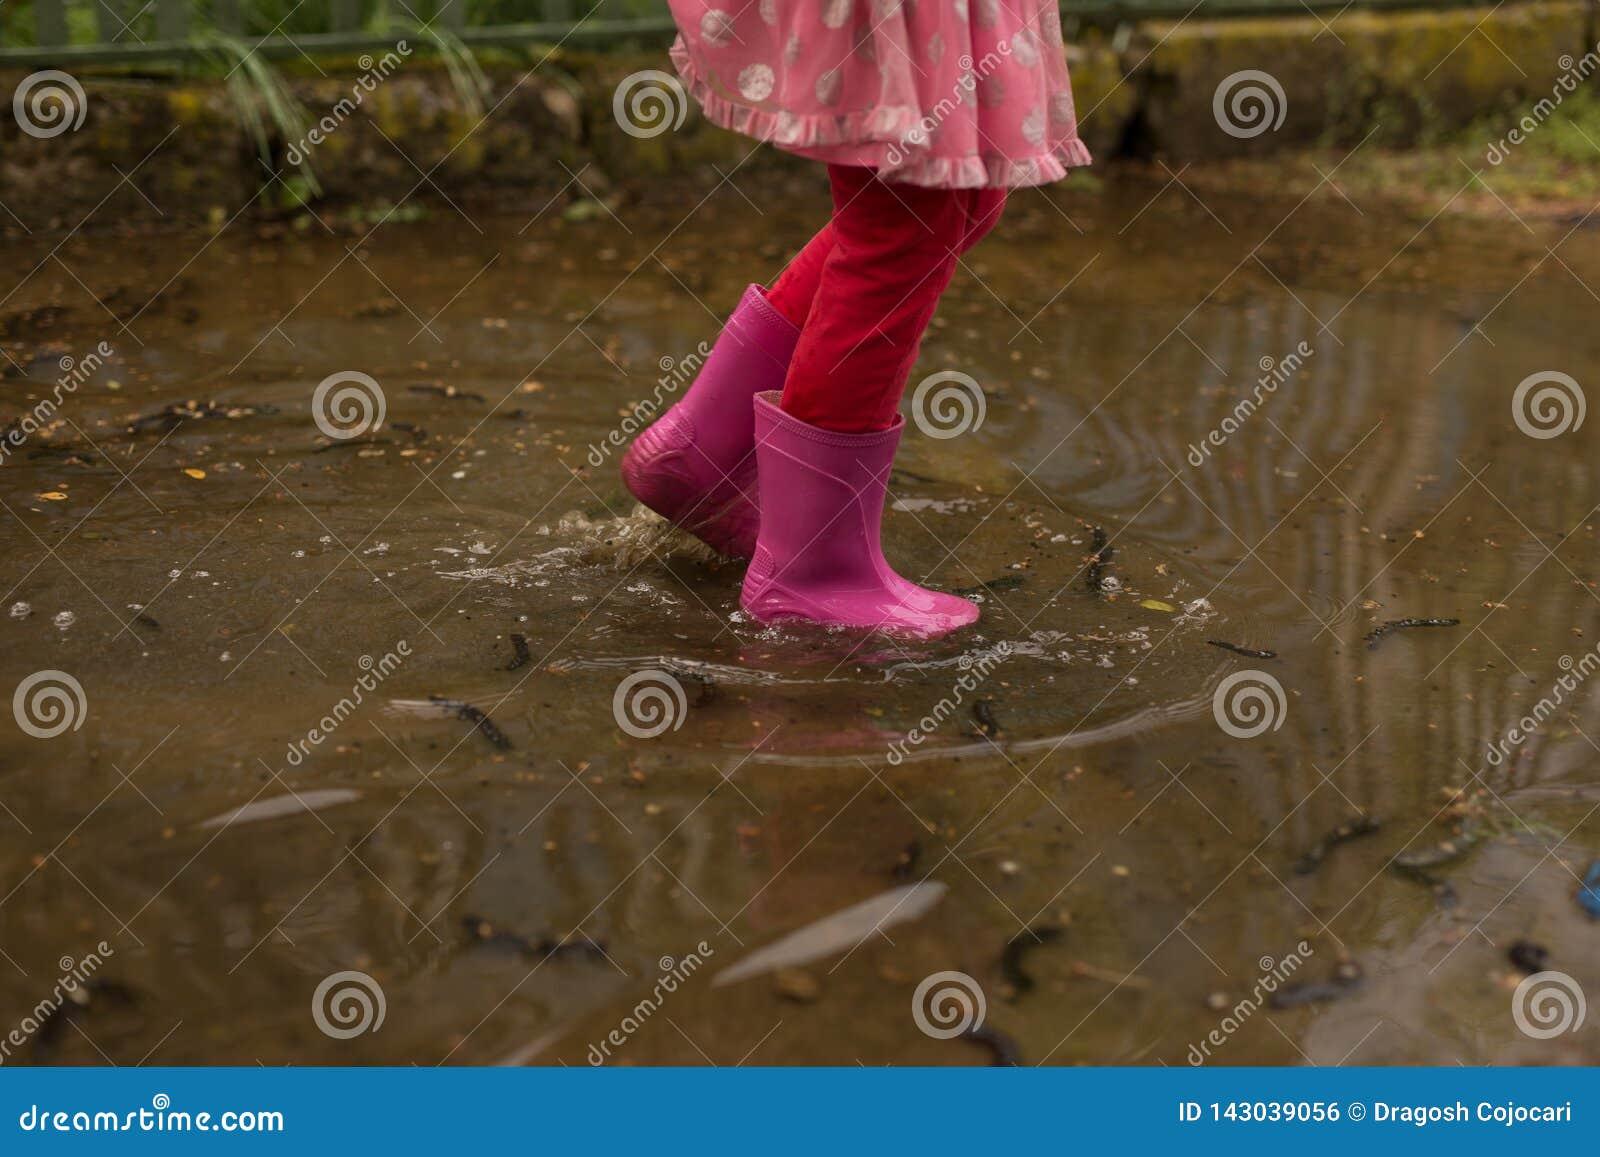 Saut extérieur espiègle de petite fille dans le magma dans la botte rose après pluie Image conceptuelle